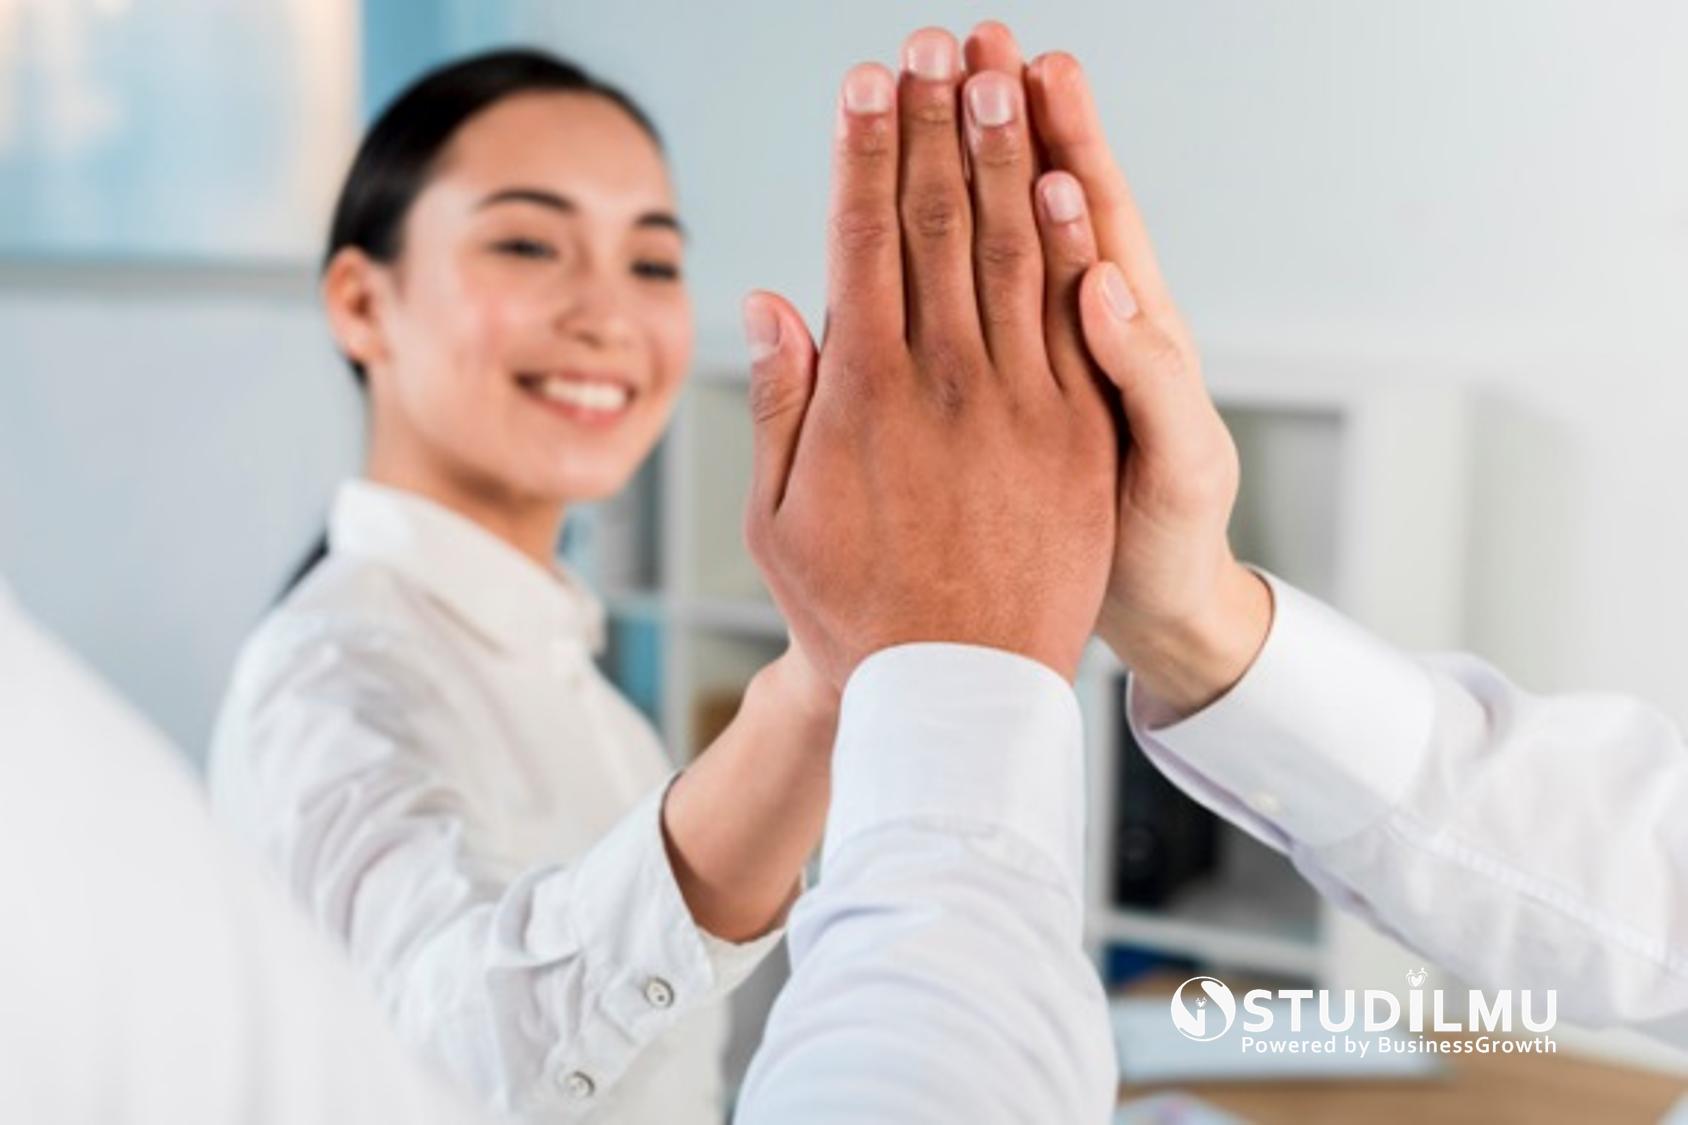 STUDILMU Career Advice - Pantang Menyerah Dengan Cara Cerdas